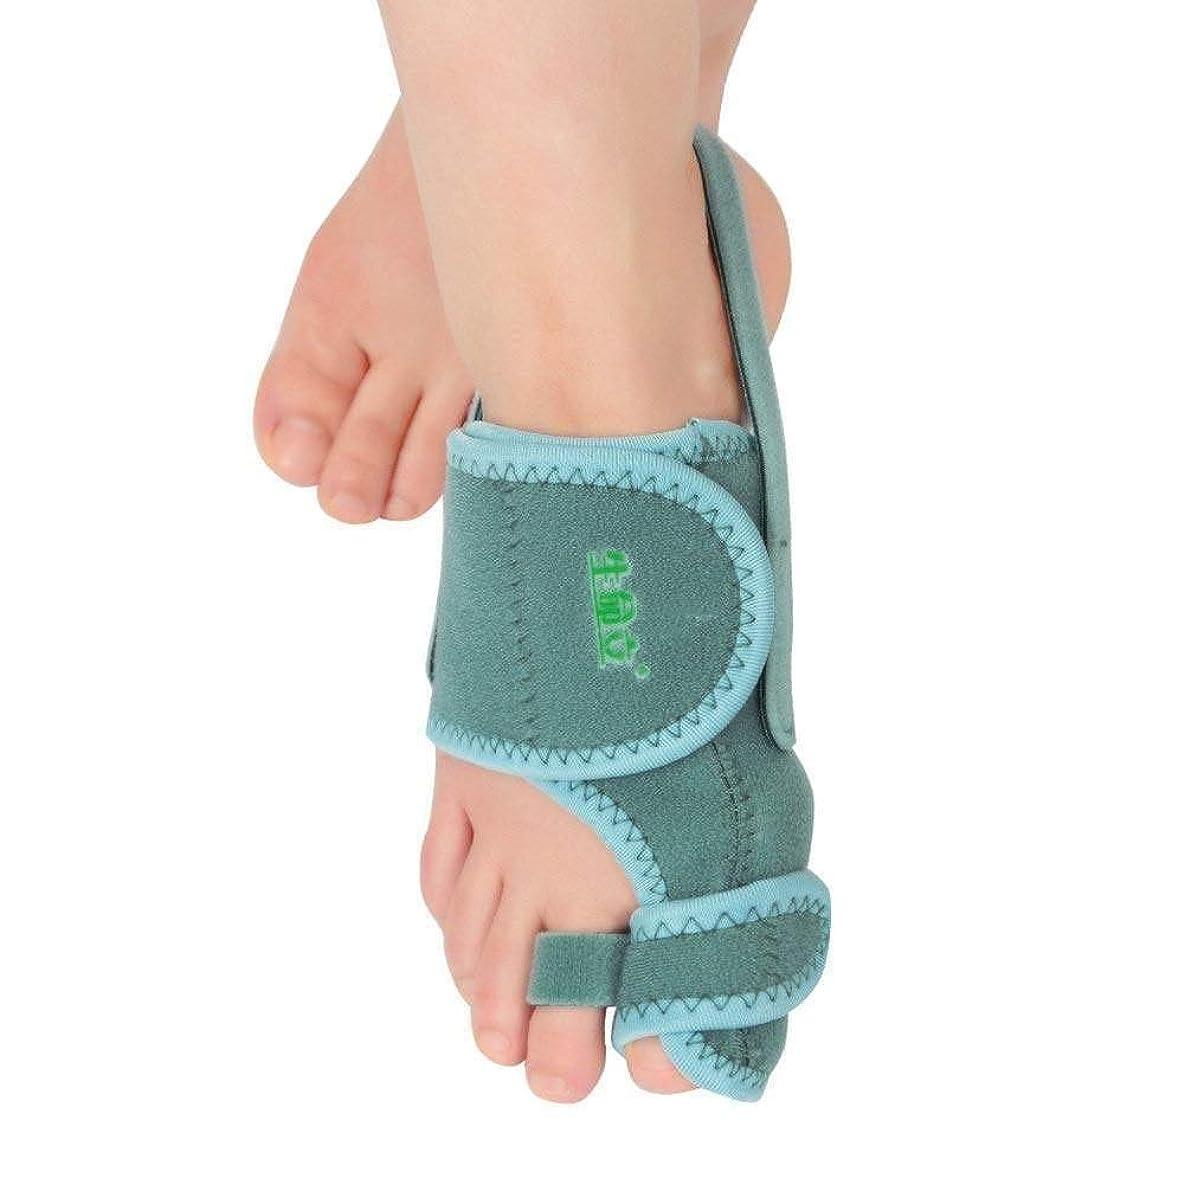 抜け目のない仮称ロースト外反母ortho装具、女性と男性の足の親指の矯正用セパレーターの腱膜瘤緩和のための夜間親指つま先外反,Left Foot